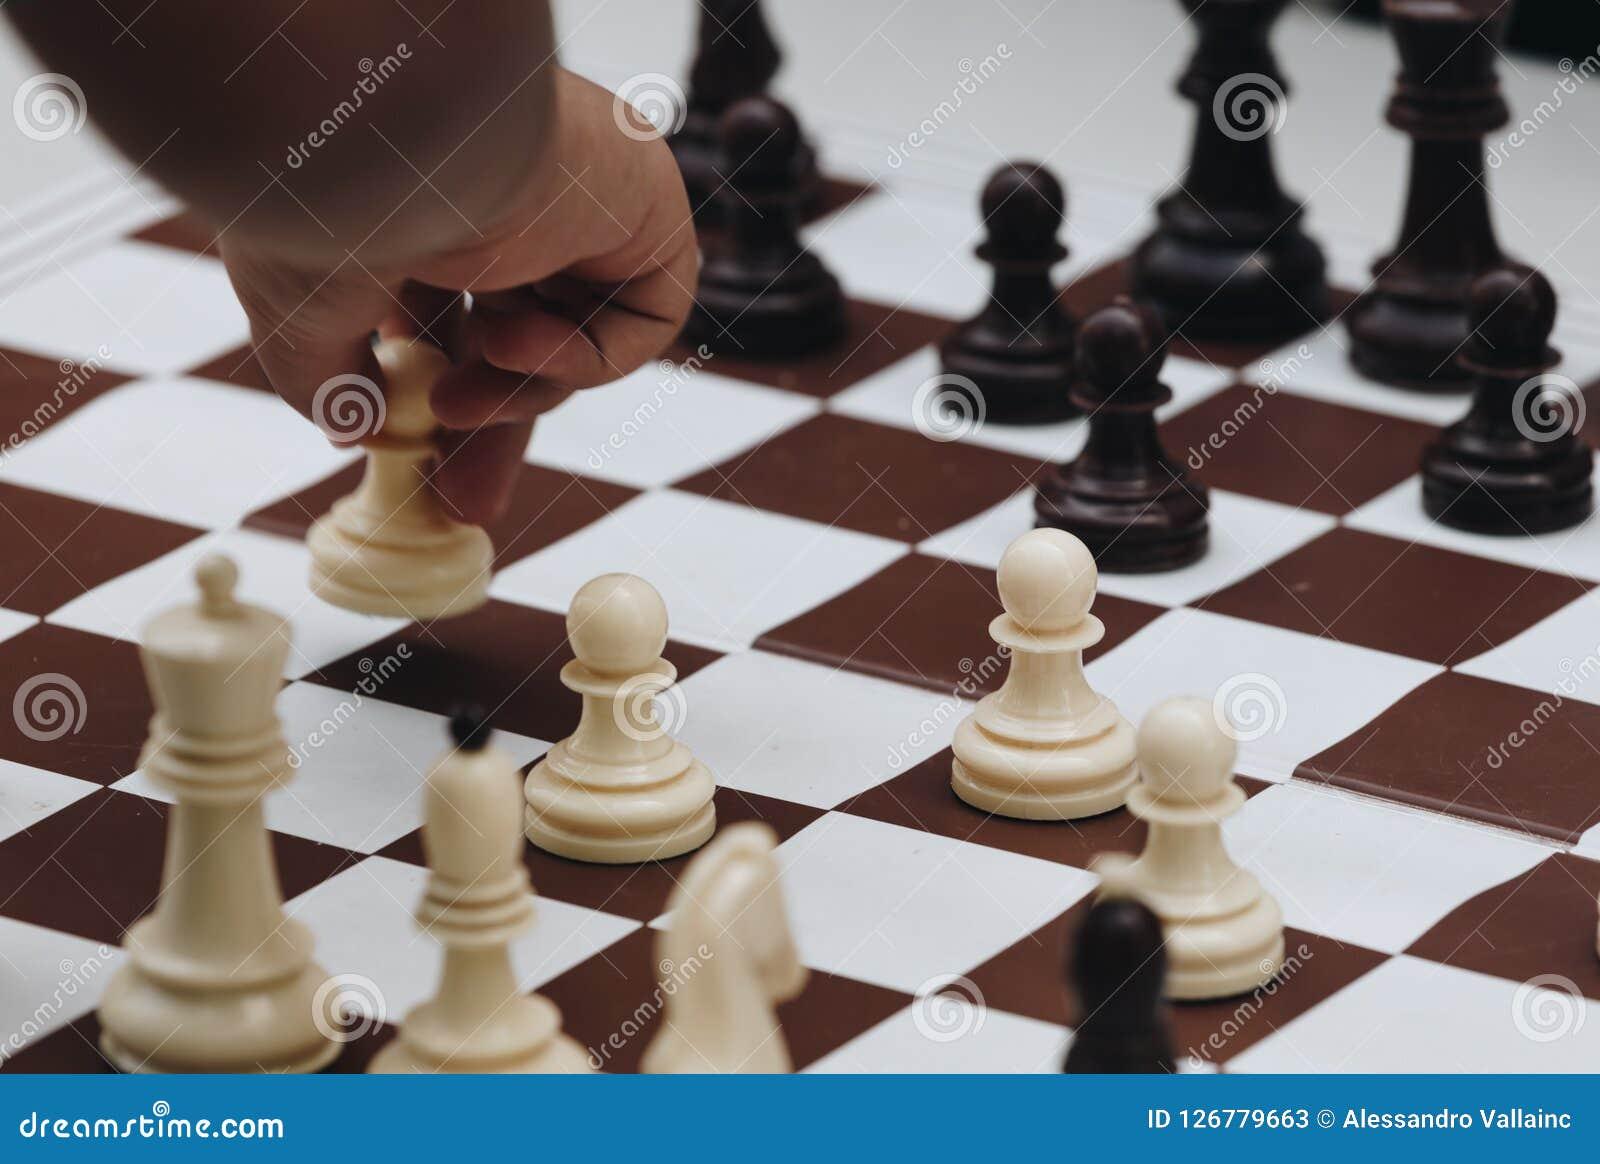 Dziecko bawić się z szachy